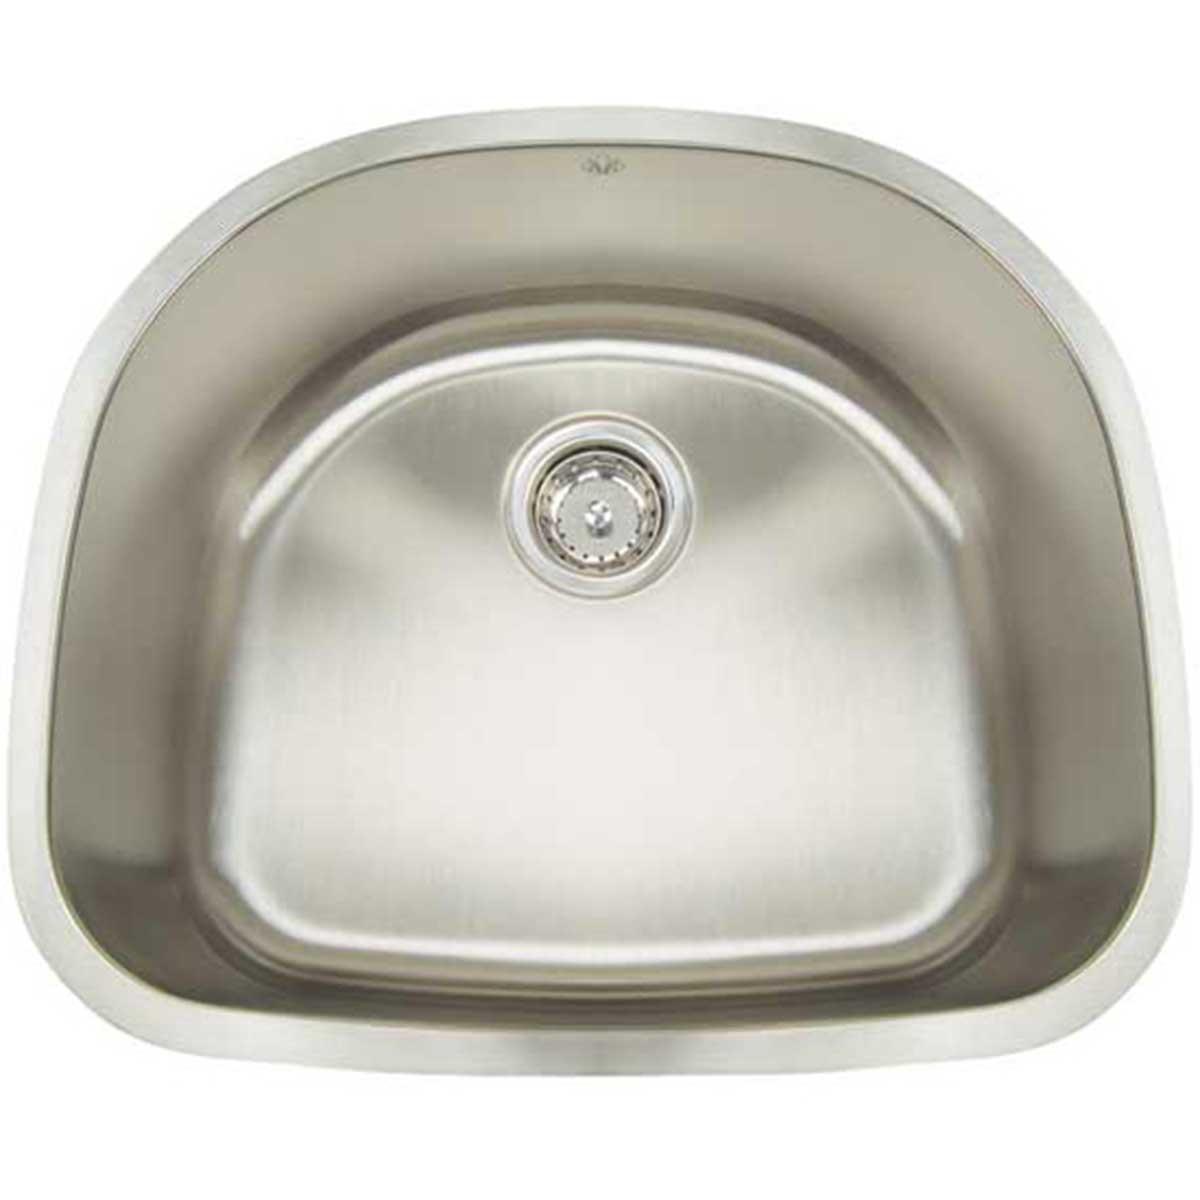 Nice ... Artisan Sinks 16 Gauge AR2321 D9 ...